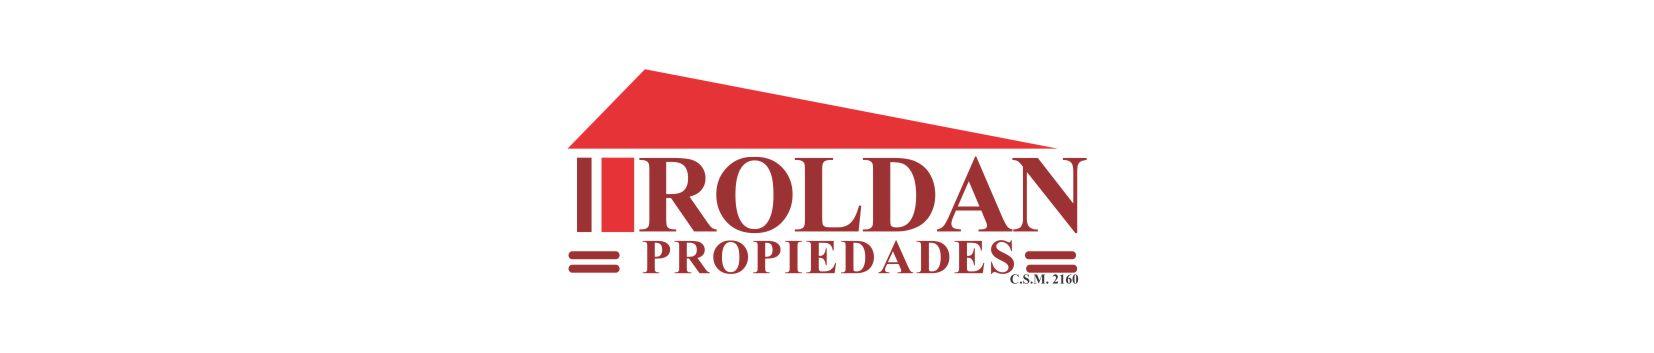 ROLDAN PROPIEDADES